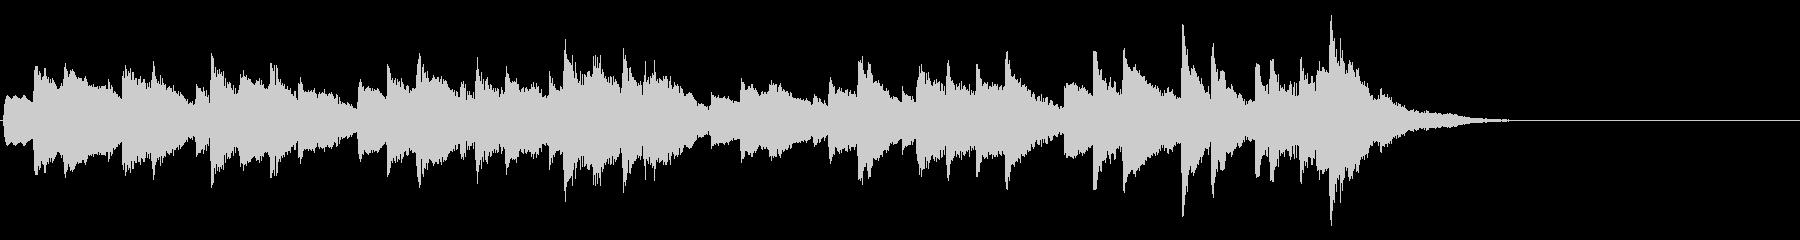 即興曲 D935-2(シューベルト)の未再生の波形